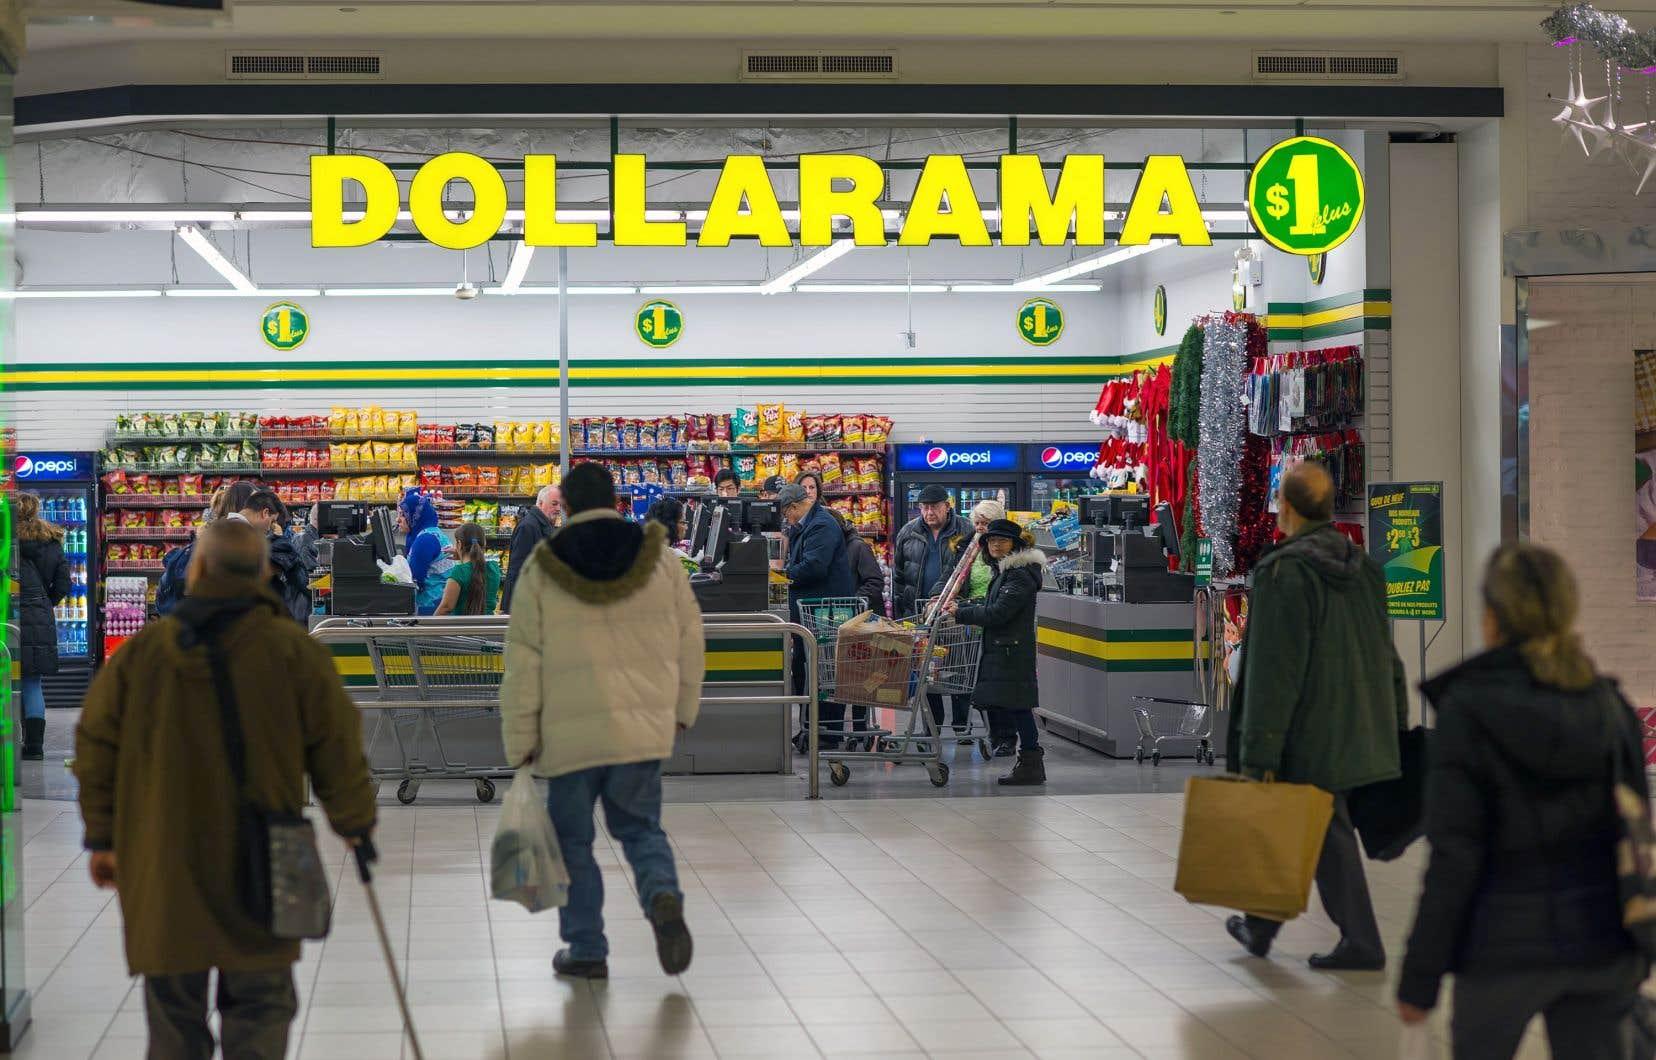 Si Dollarama a obtenu le statut de service essentiel, il a néanmoins dû fermer 54 des 1291 établissements de son réseau.